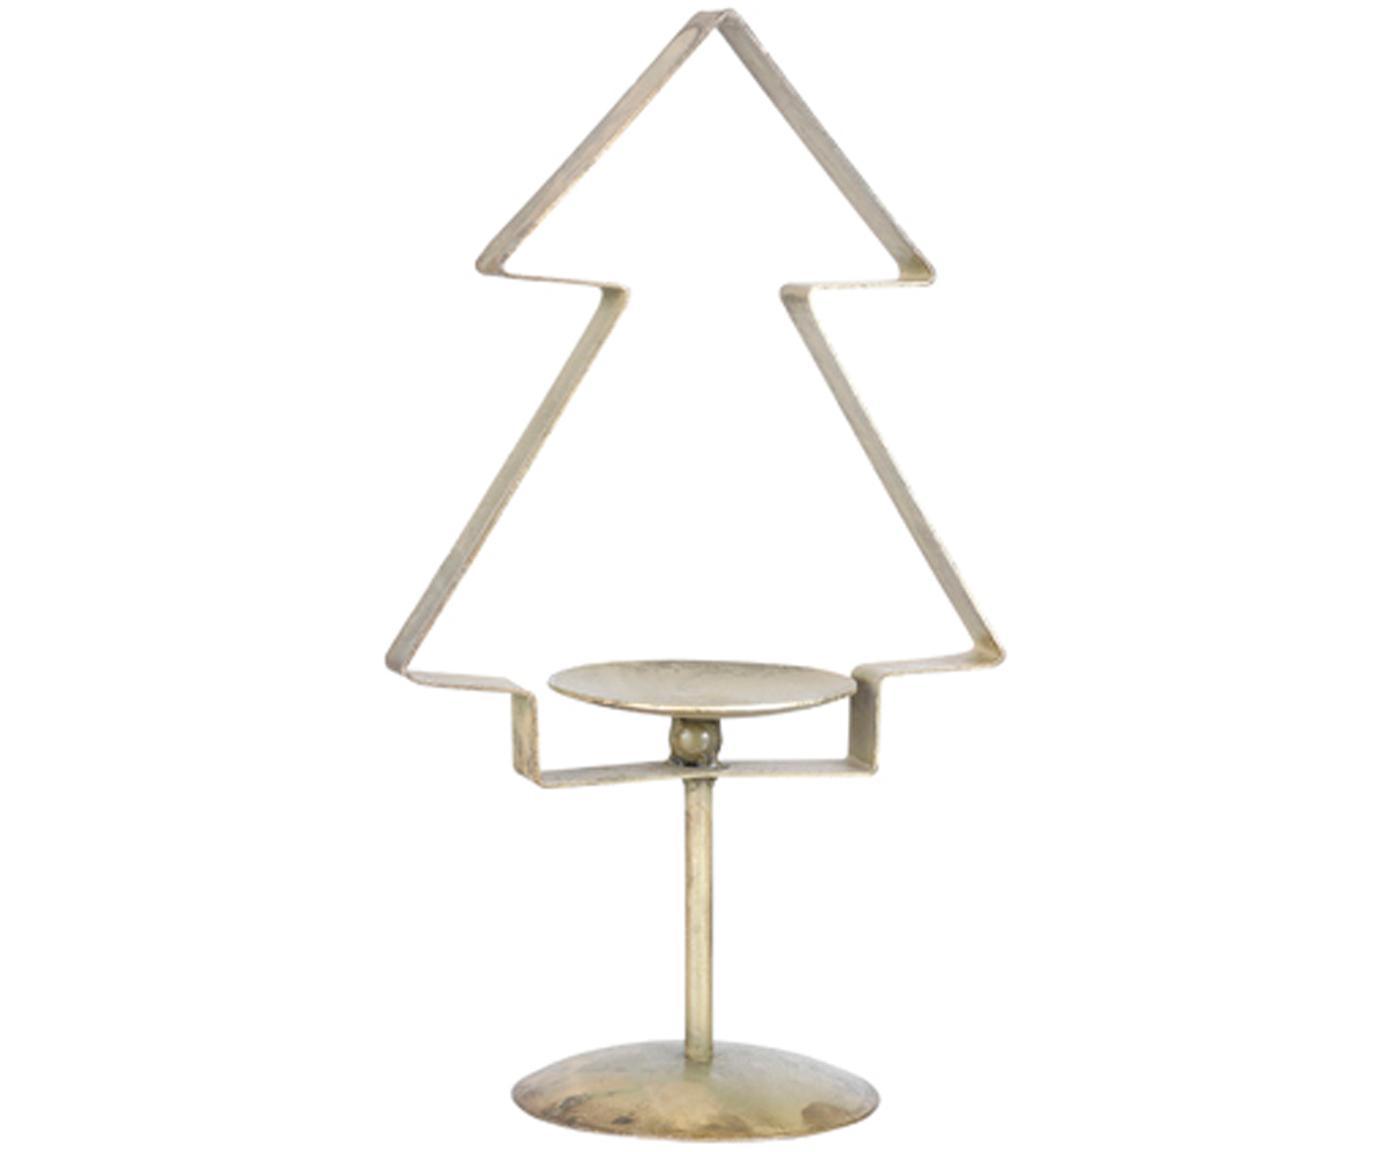 Kerzenhalter Tree, Metall, beschichtet, Messingfarben, 18 x 31 cm